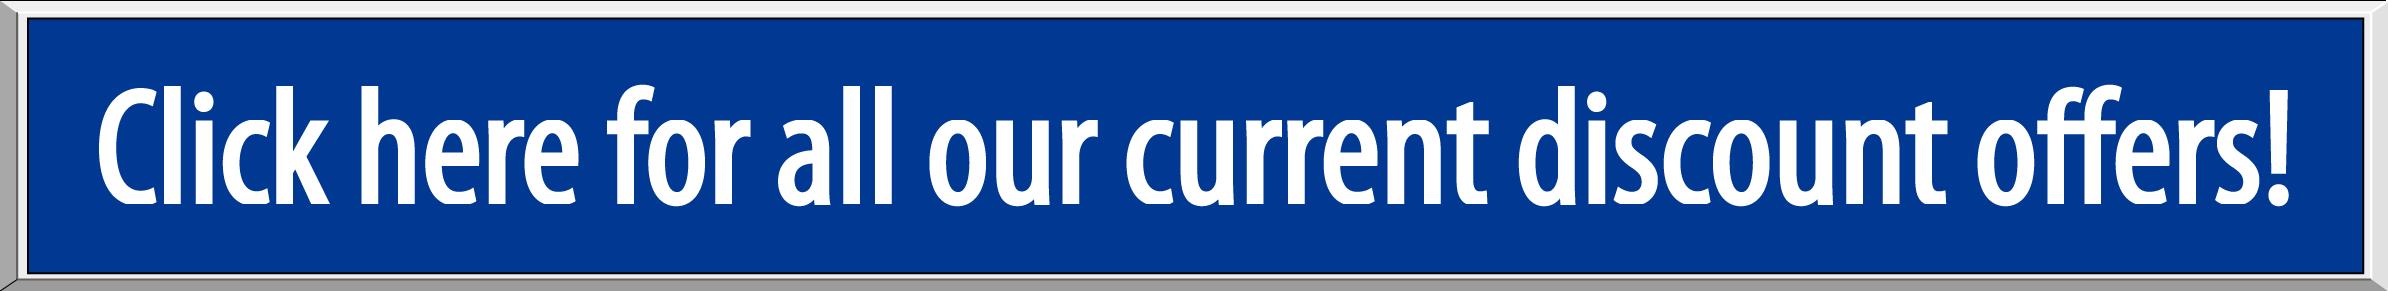 Current Offer Banner